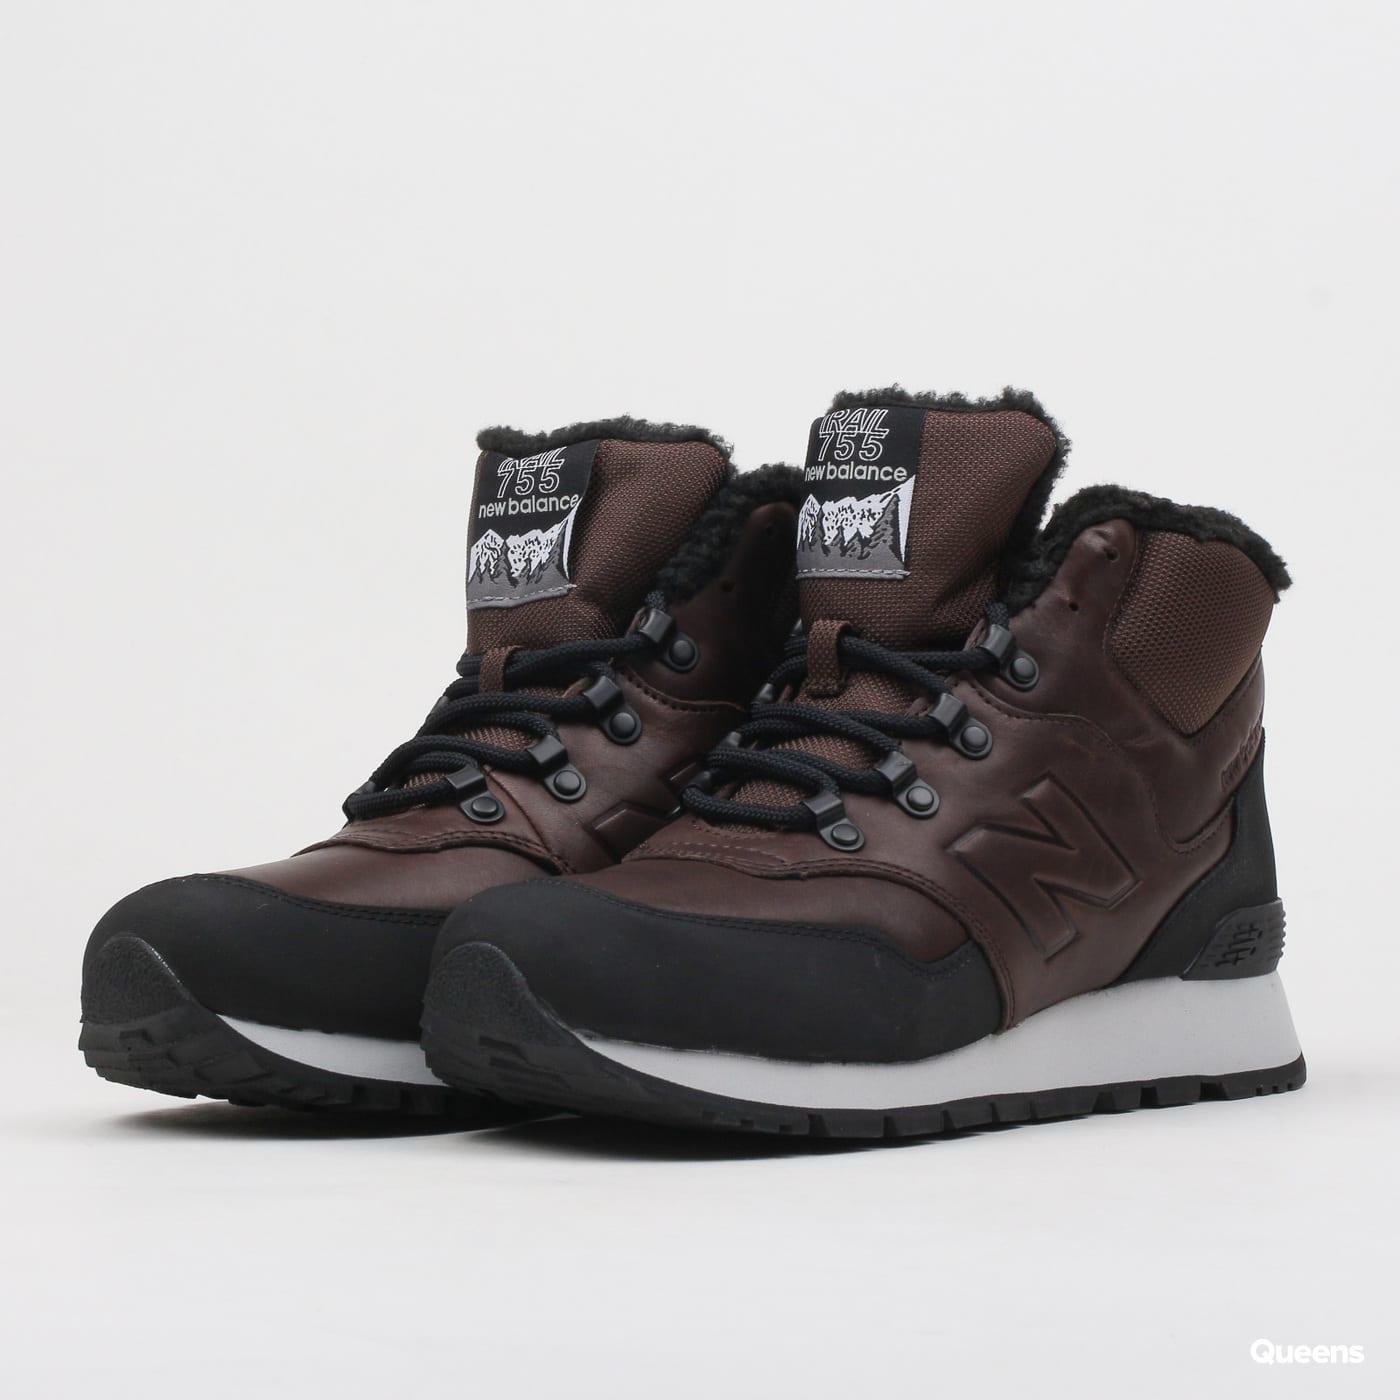 Pánské zimní boty New Balance HL755MLC – Queens 💚 aab4706184